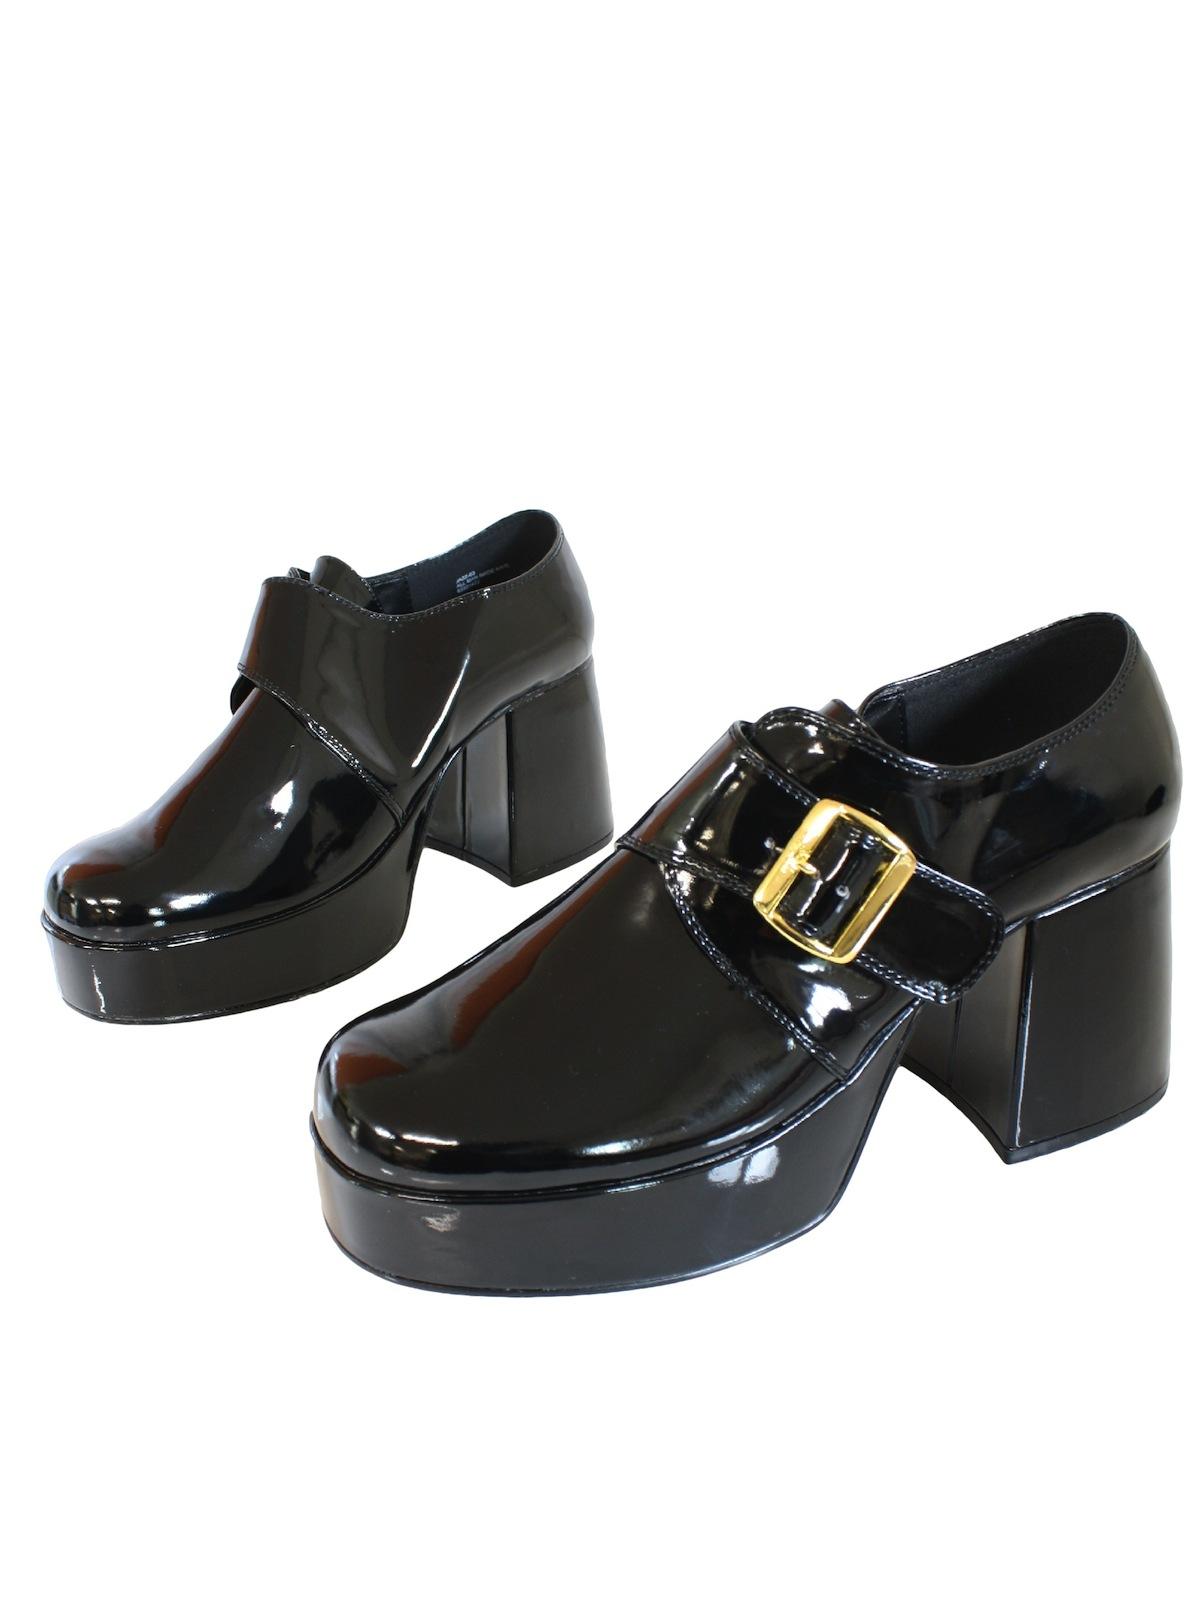 80c48d13c821 Vintage Black Platform Shoes 70 s Shoes  70s reproduction -Black ...